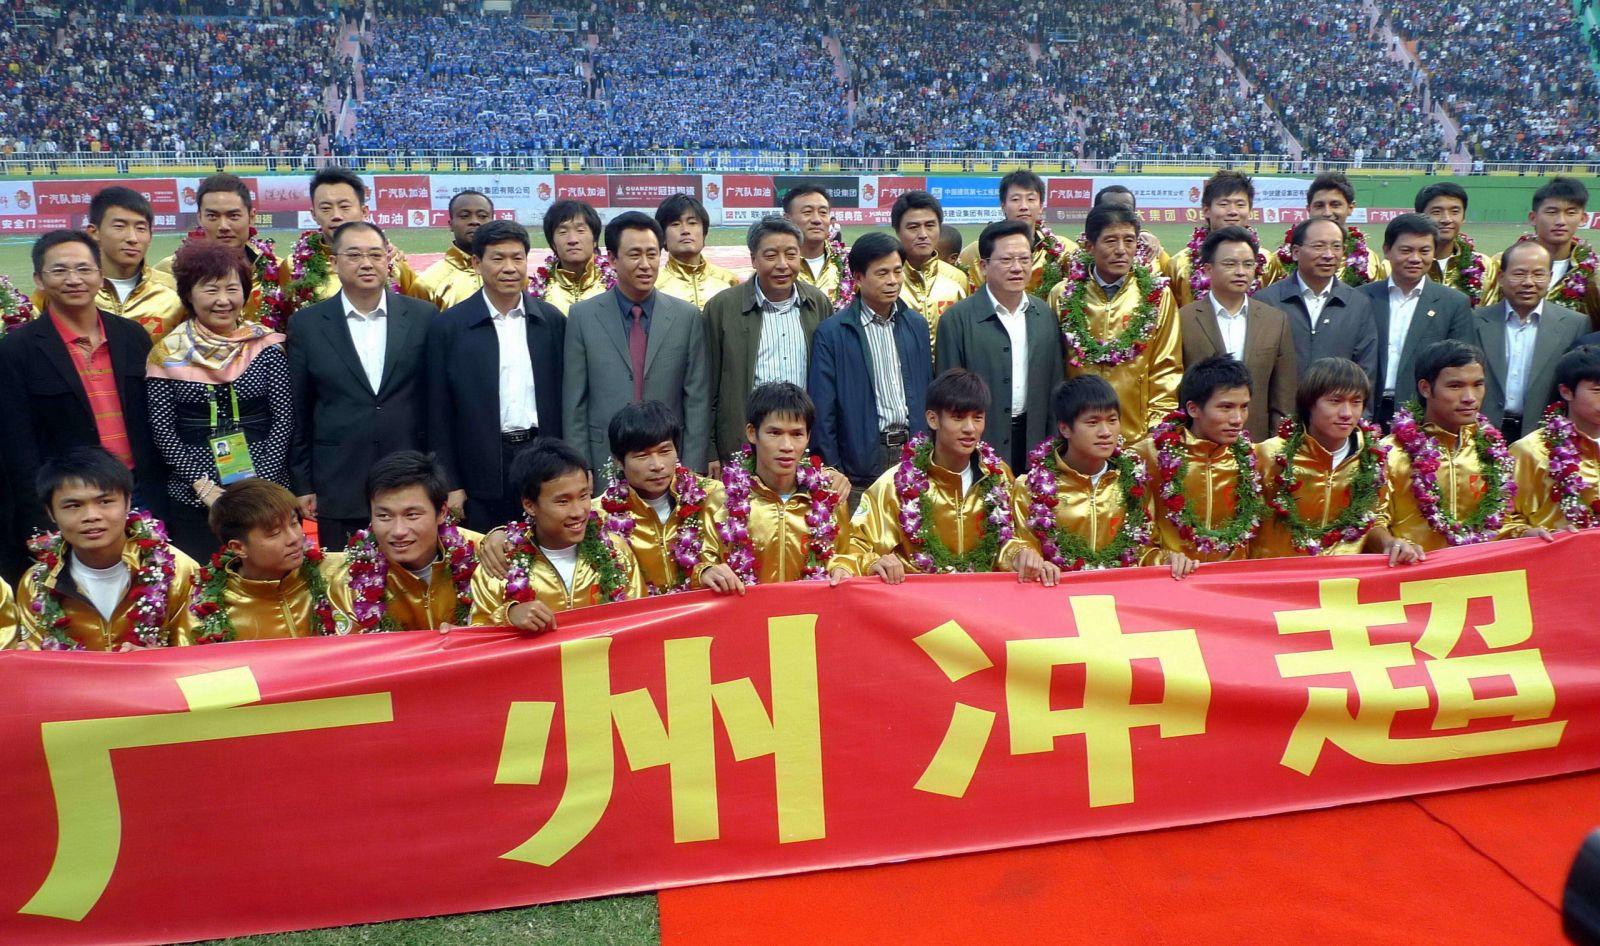 34岁生日快乐!回顾郜林恒大生涯,他把10年青春留在广州